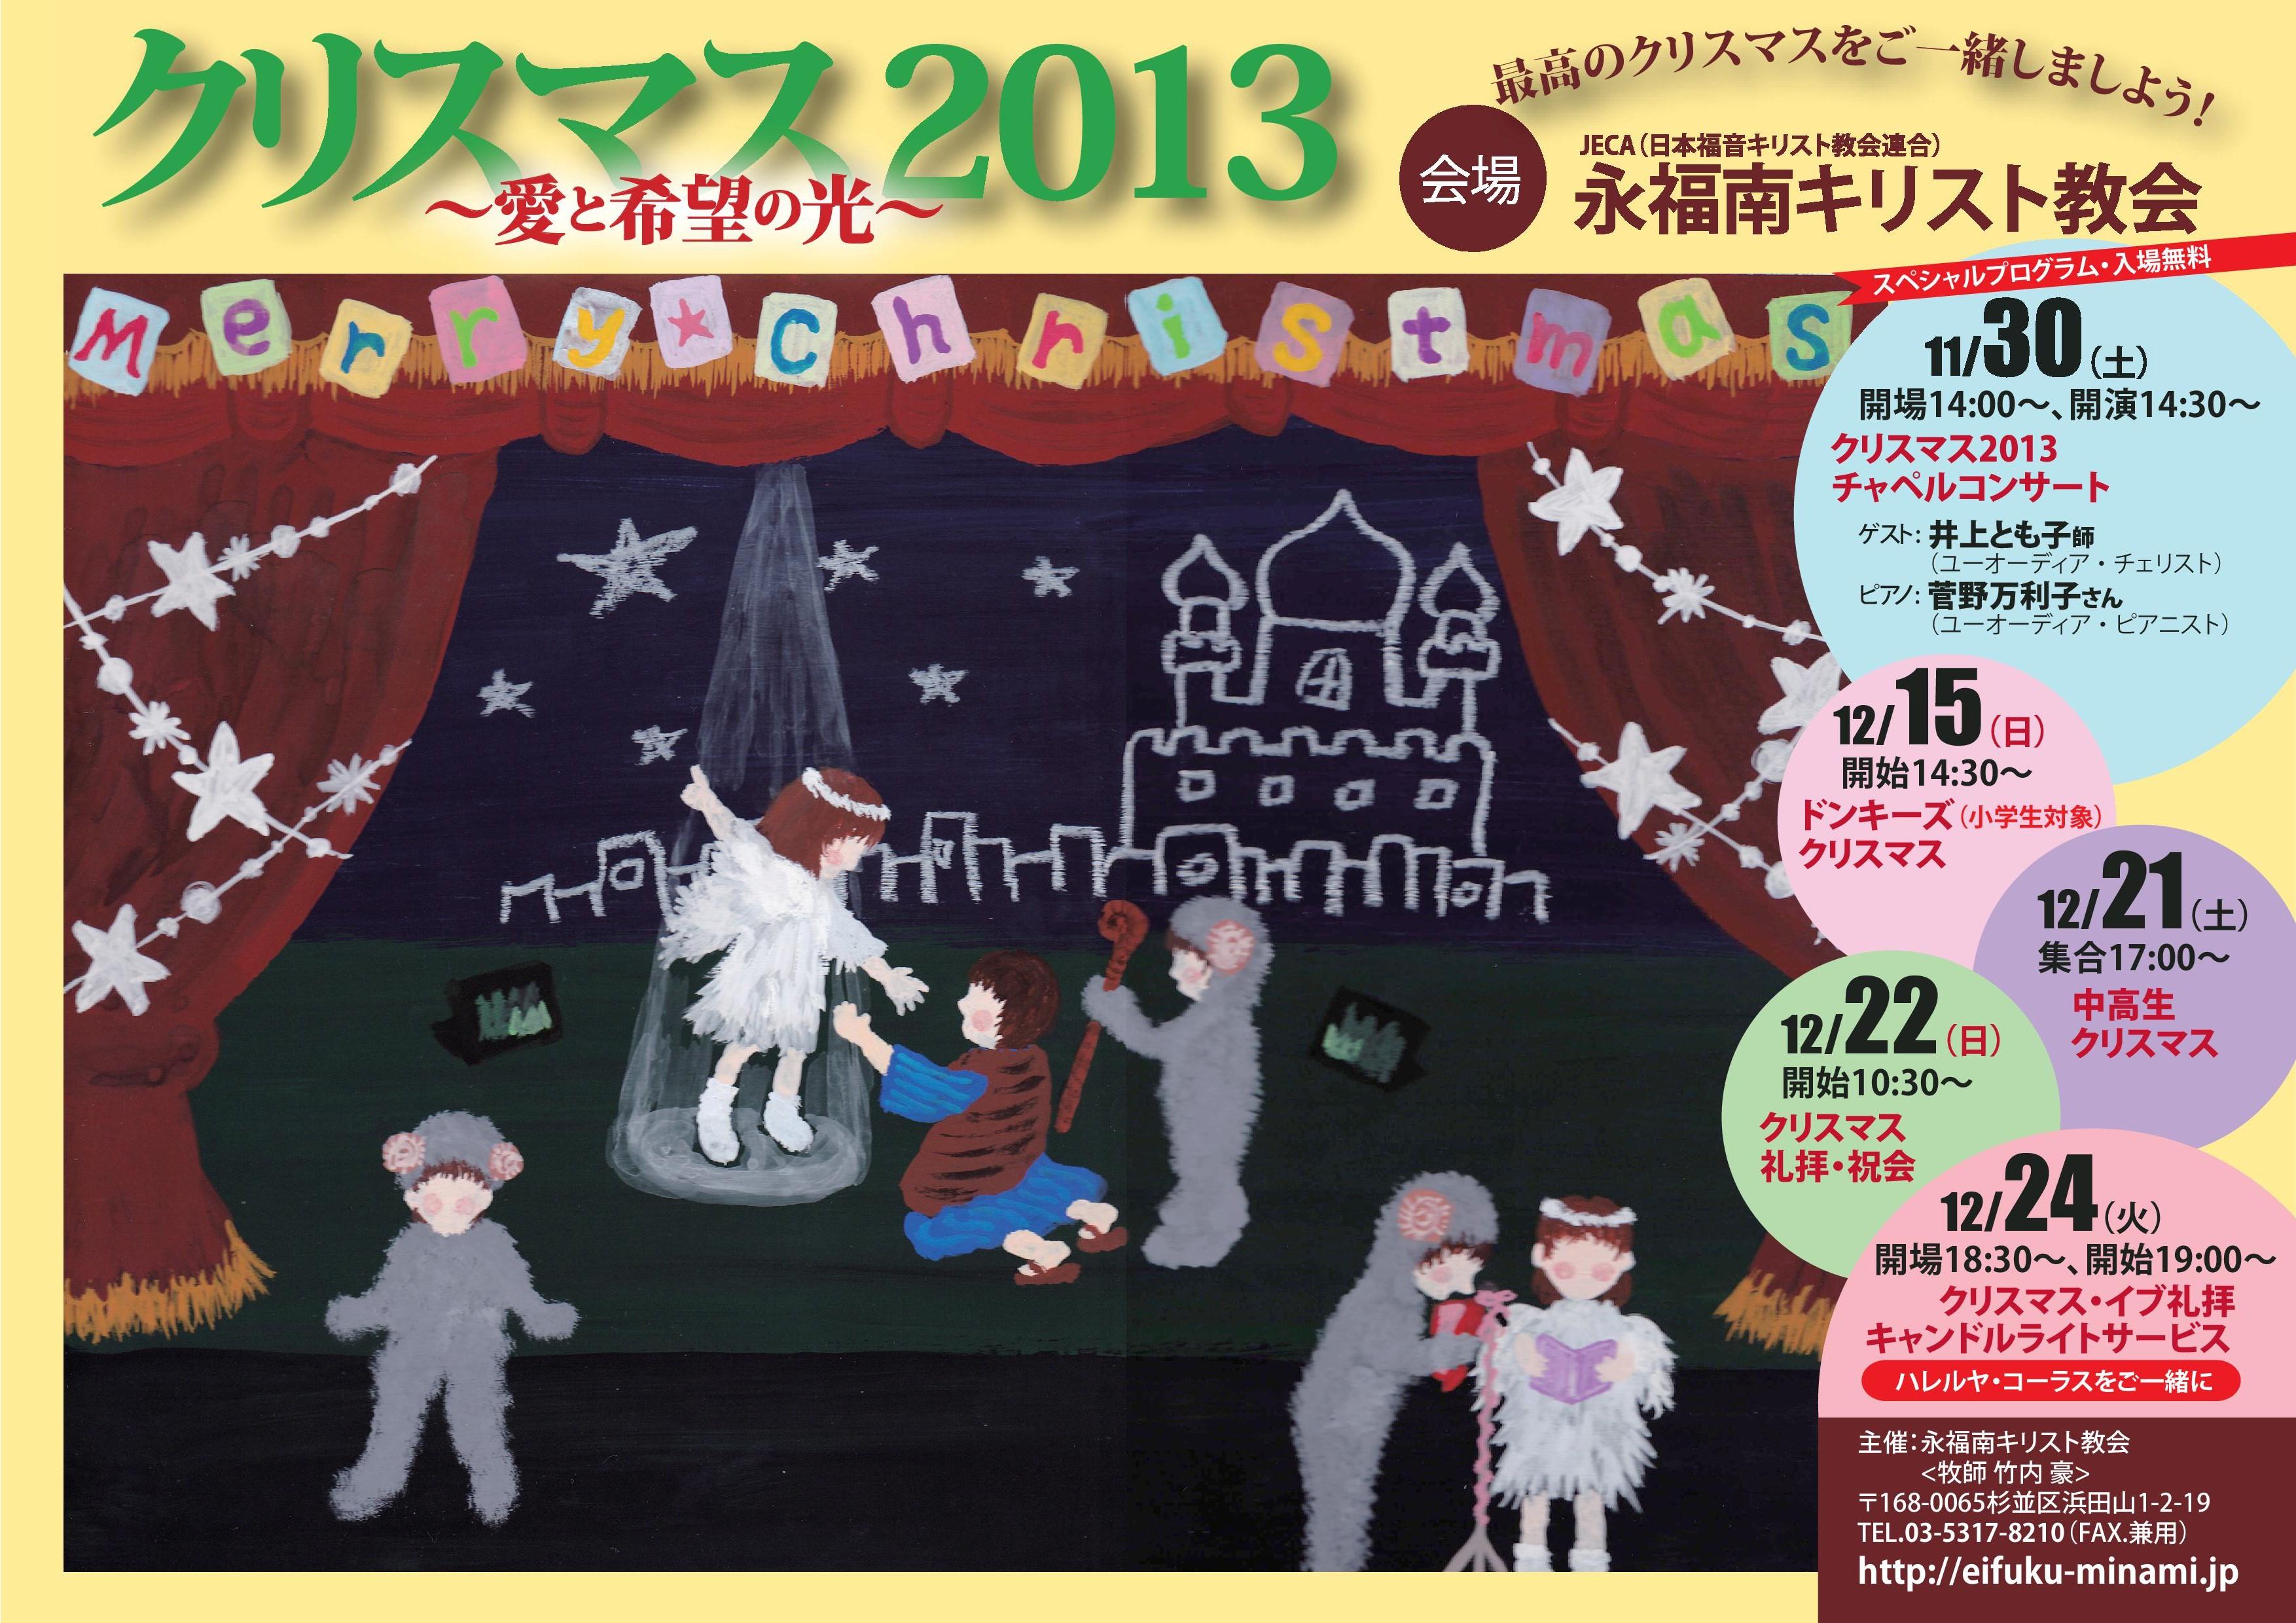 2013クリスマス~愛と希望の光~